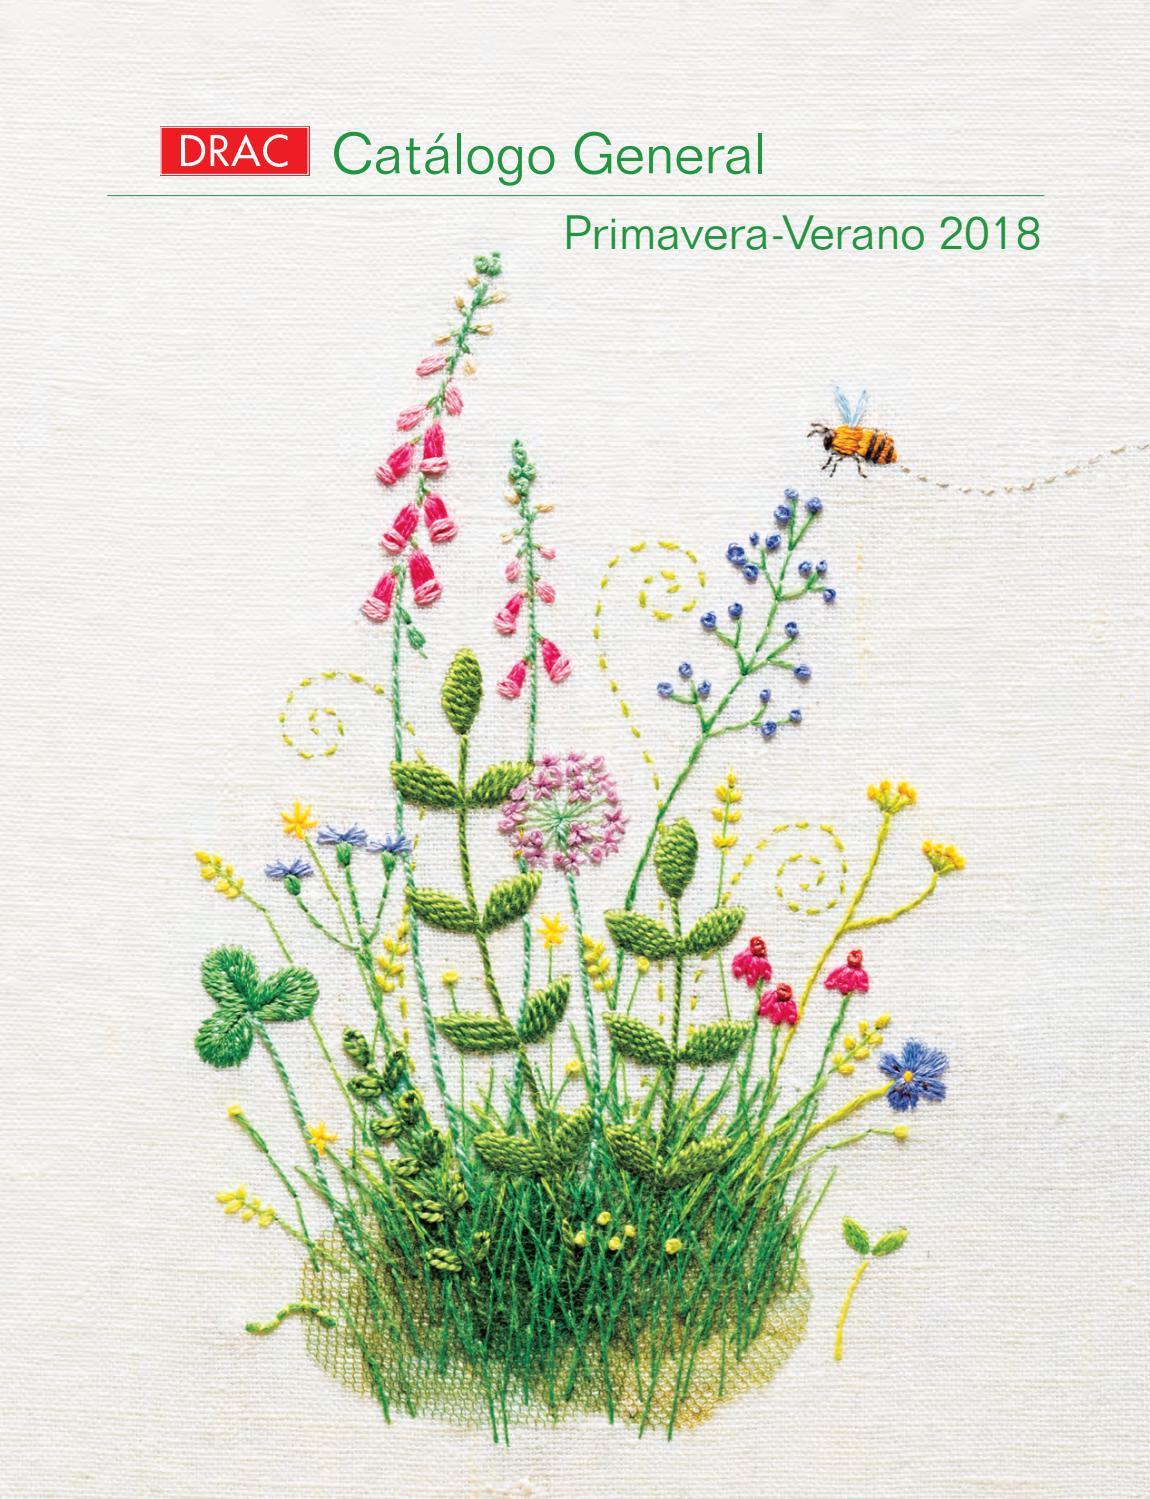 Catálogo general Editorial El Drac Primavera-Verano 2018 by ...